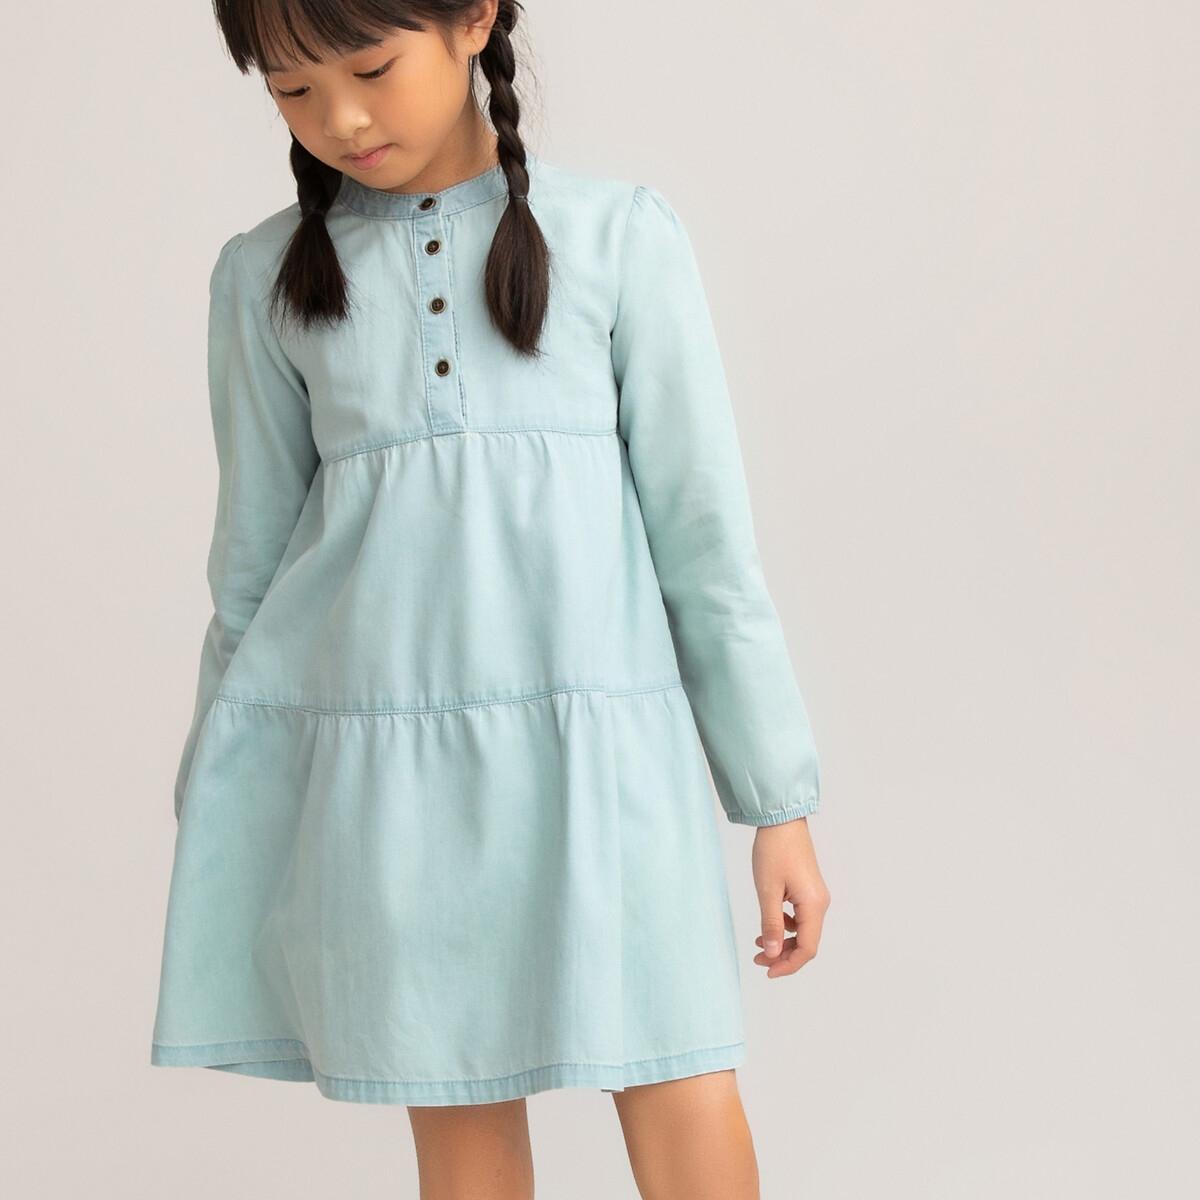 Платье LaRedoute С длинными рукавами из легкого денима 3-12 лет 6 лет - 114 см синий платье laredoute в полоску с длинными рукавами 3 12 лет 6 лет 114 см синий